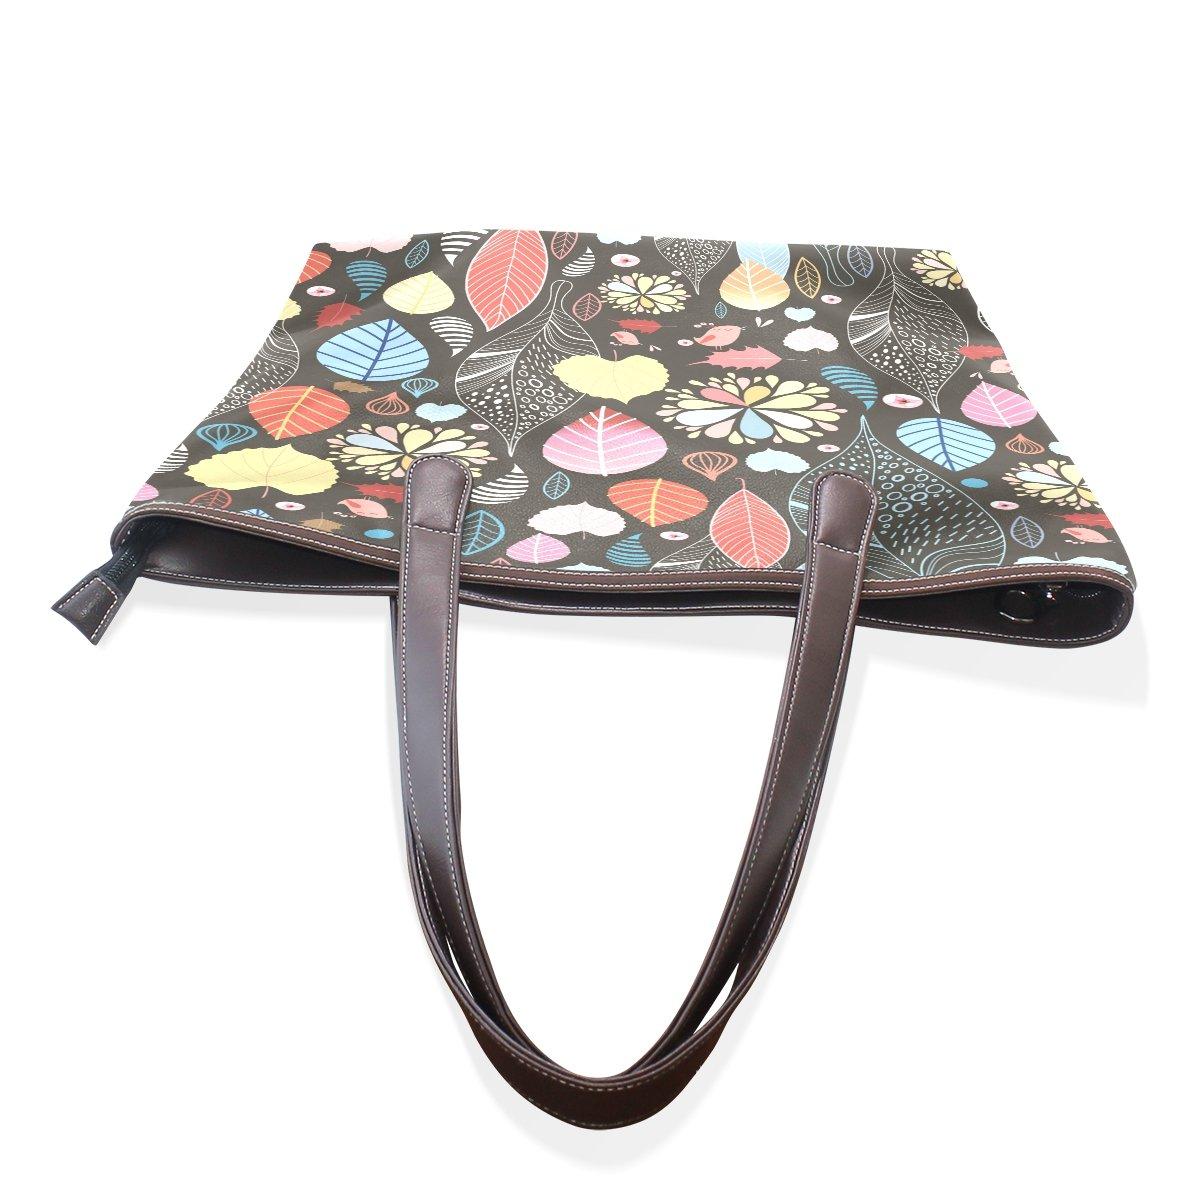 Mr.Weng Household Abstract Leave Lady Handbag Tote Bag Zipper Shoulder Bag